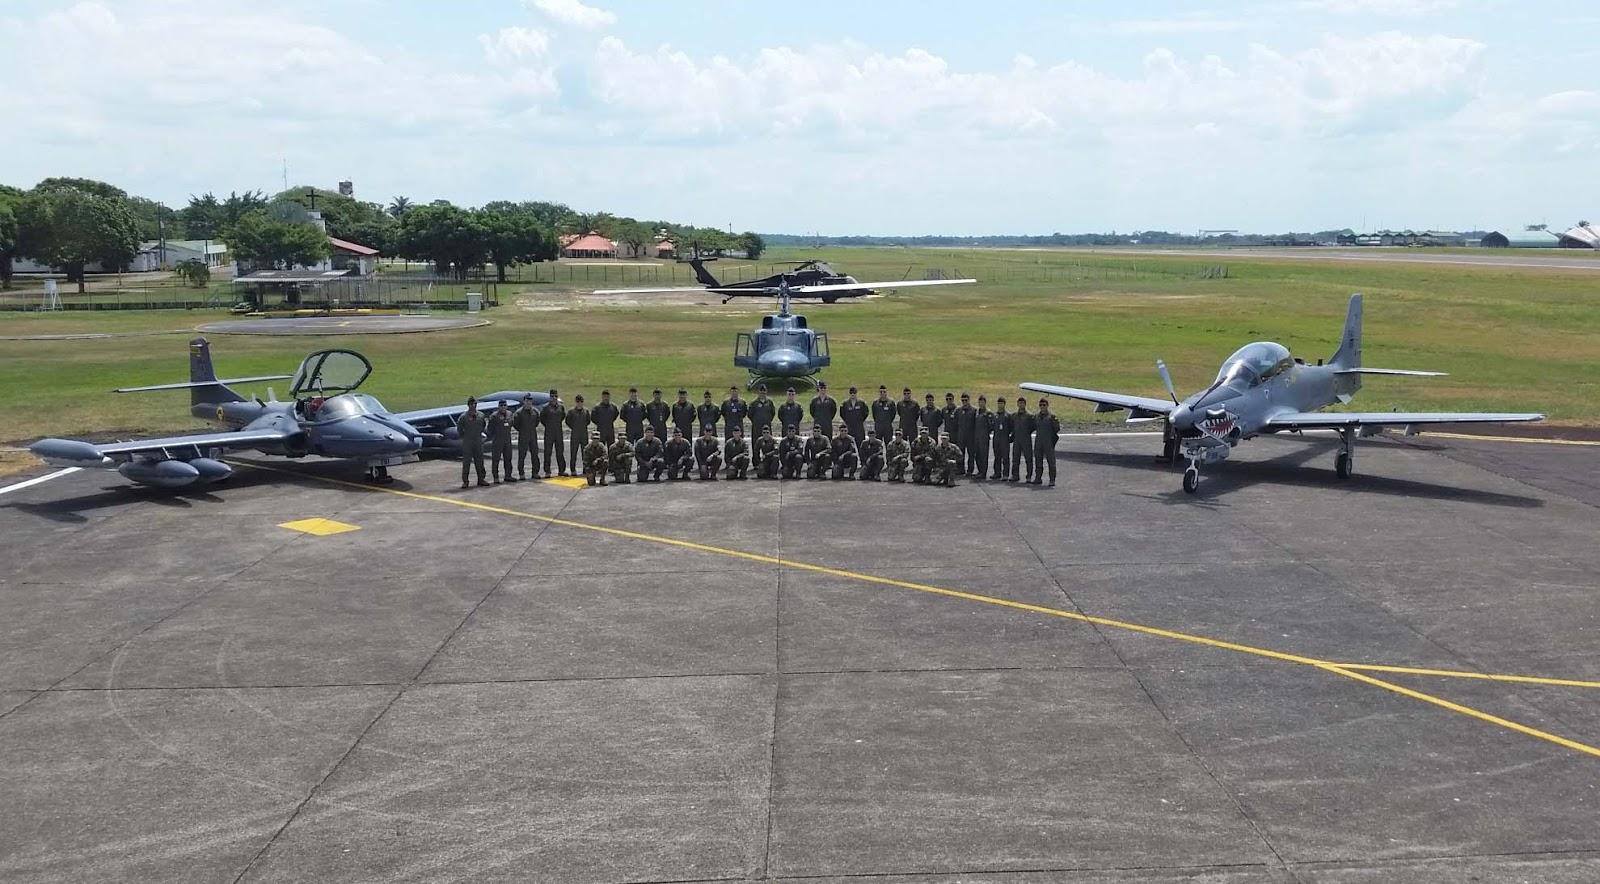 Los pilotos de la Fuerza Aérea Colombiana se entrenan en la Base Aérea de Apiay para perfeccionar los protocolos internacionales de la OTAN.